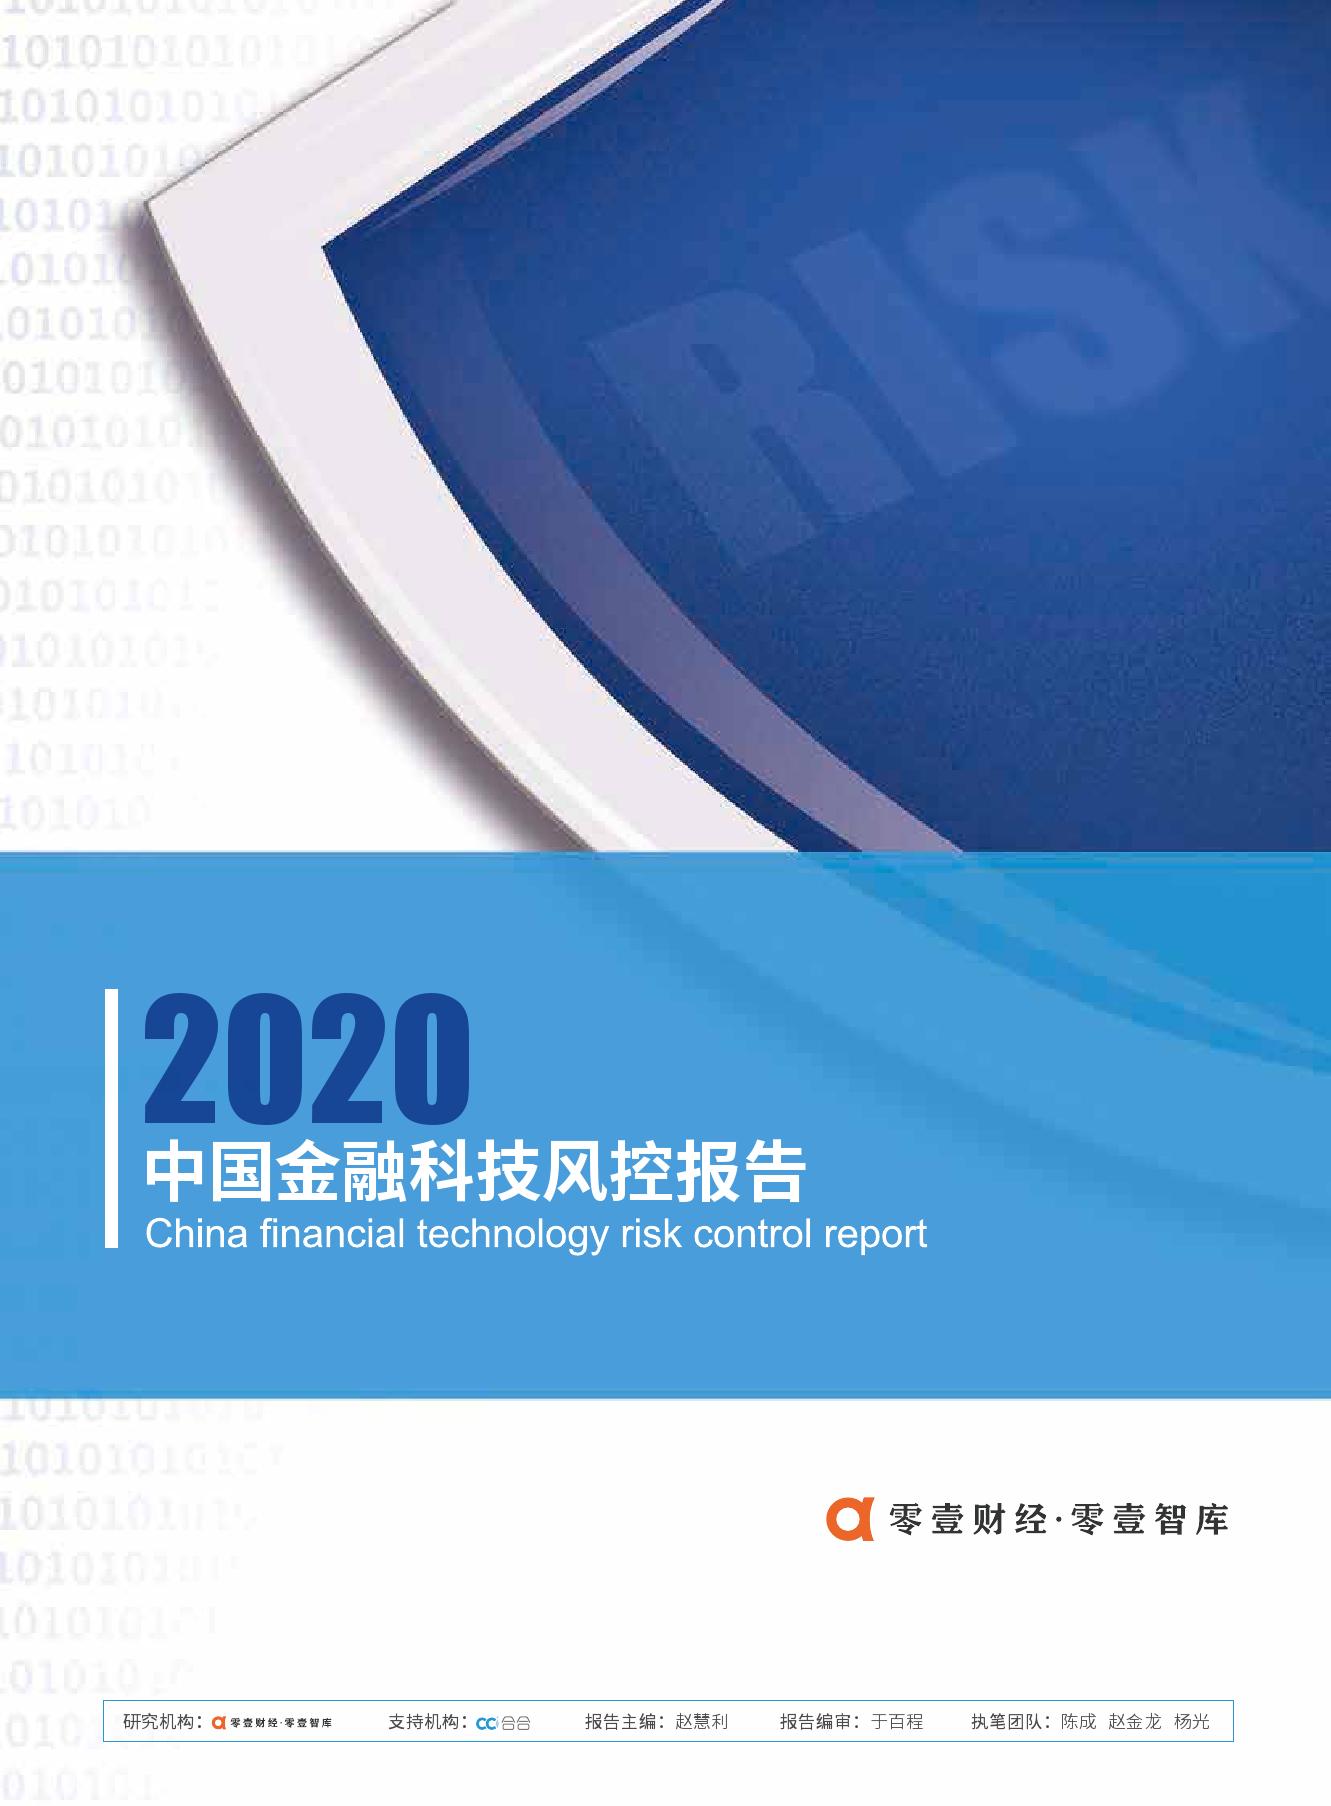 零壹智库:2020中国金融科技风控报告(附下载)